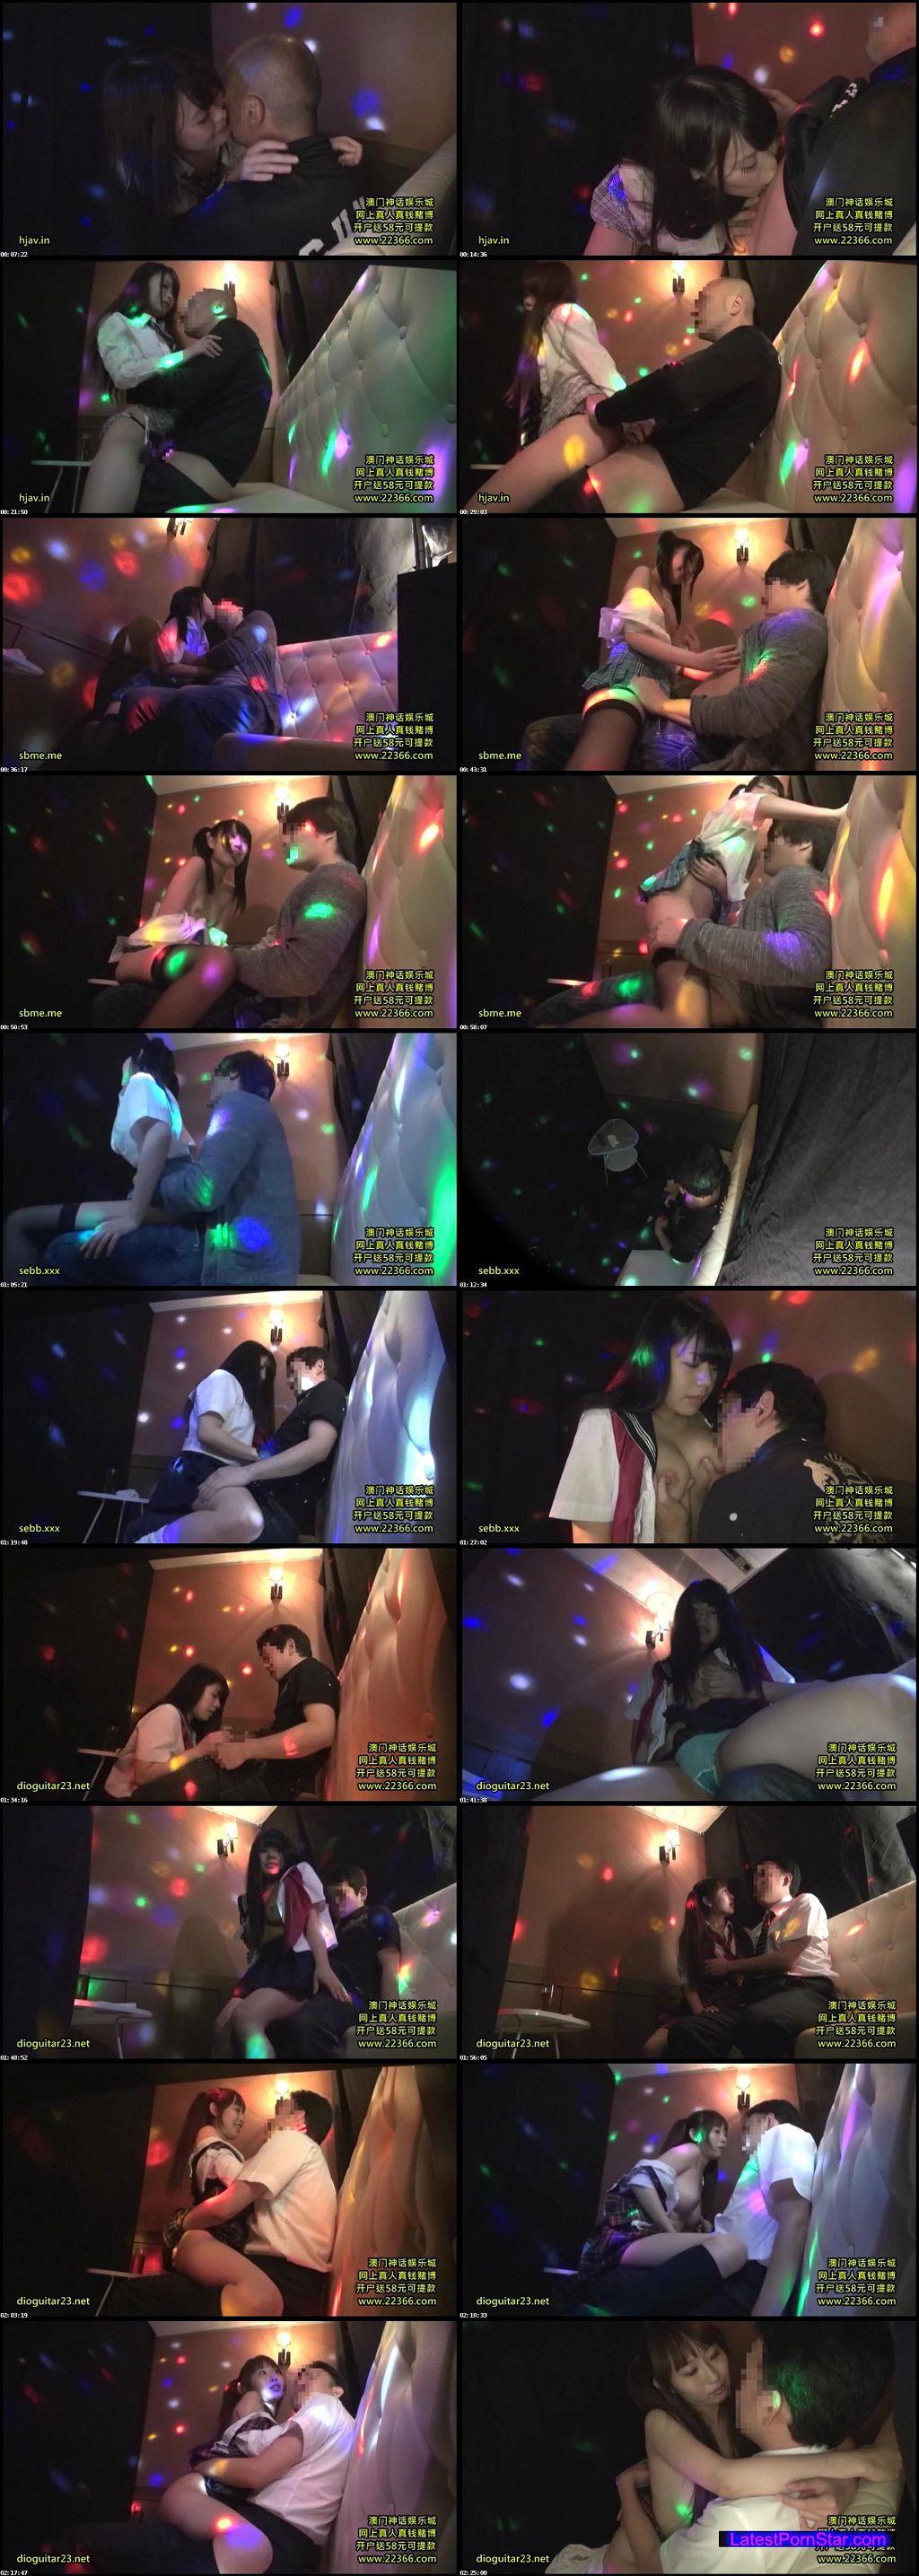 [MIST-077] 日本最大の繁華街にある「老舗おっぱいパブ」では新人嬢がベテラン嬢から客を奪うために内緒でセックスさせてくれる。しかも生で。2